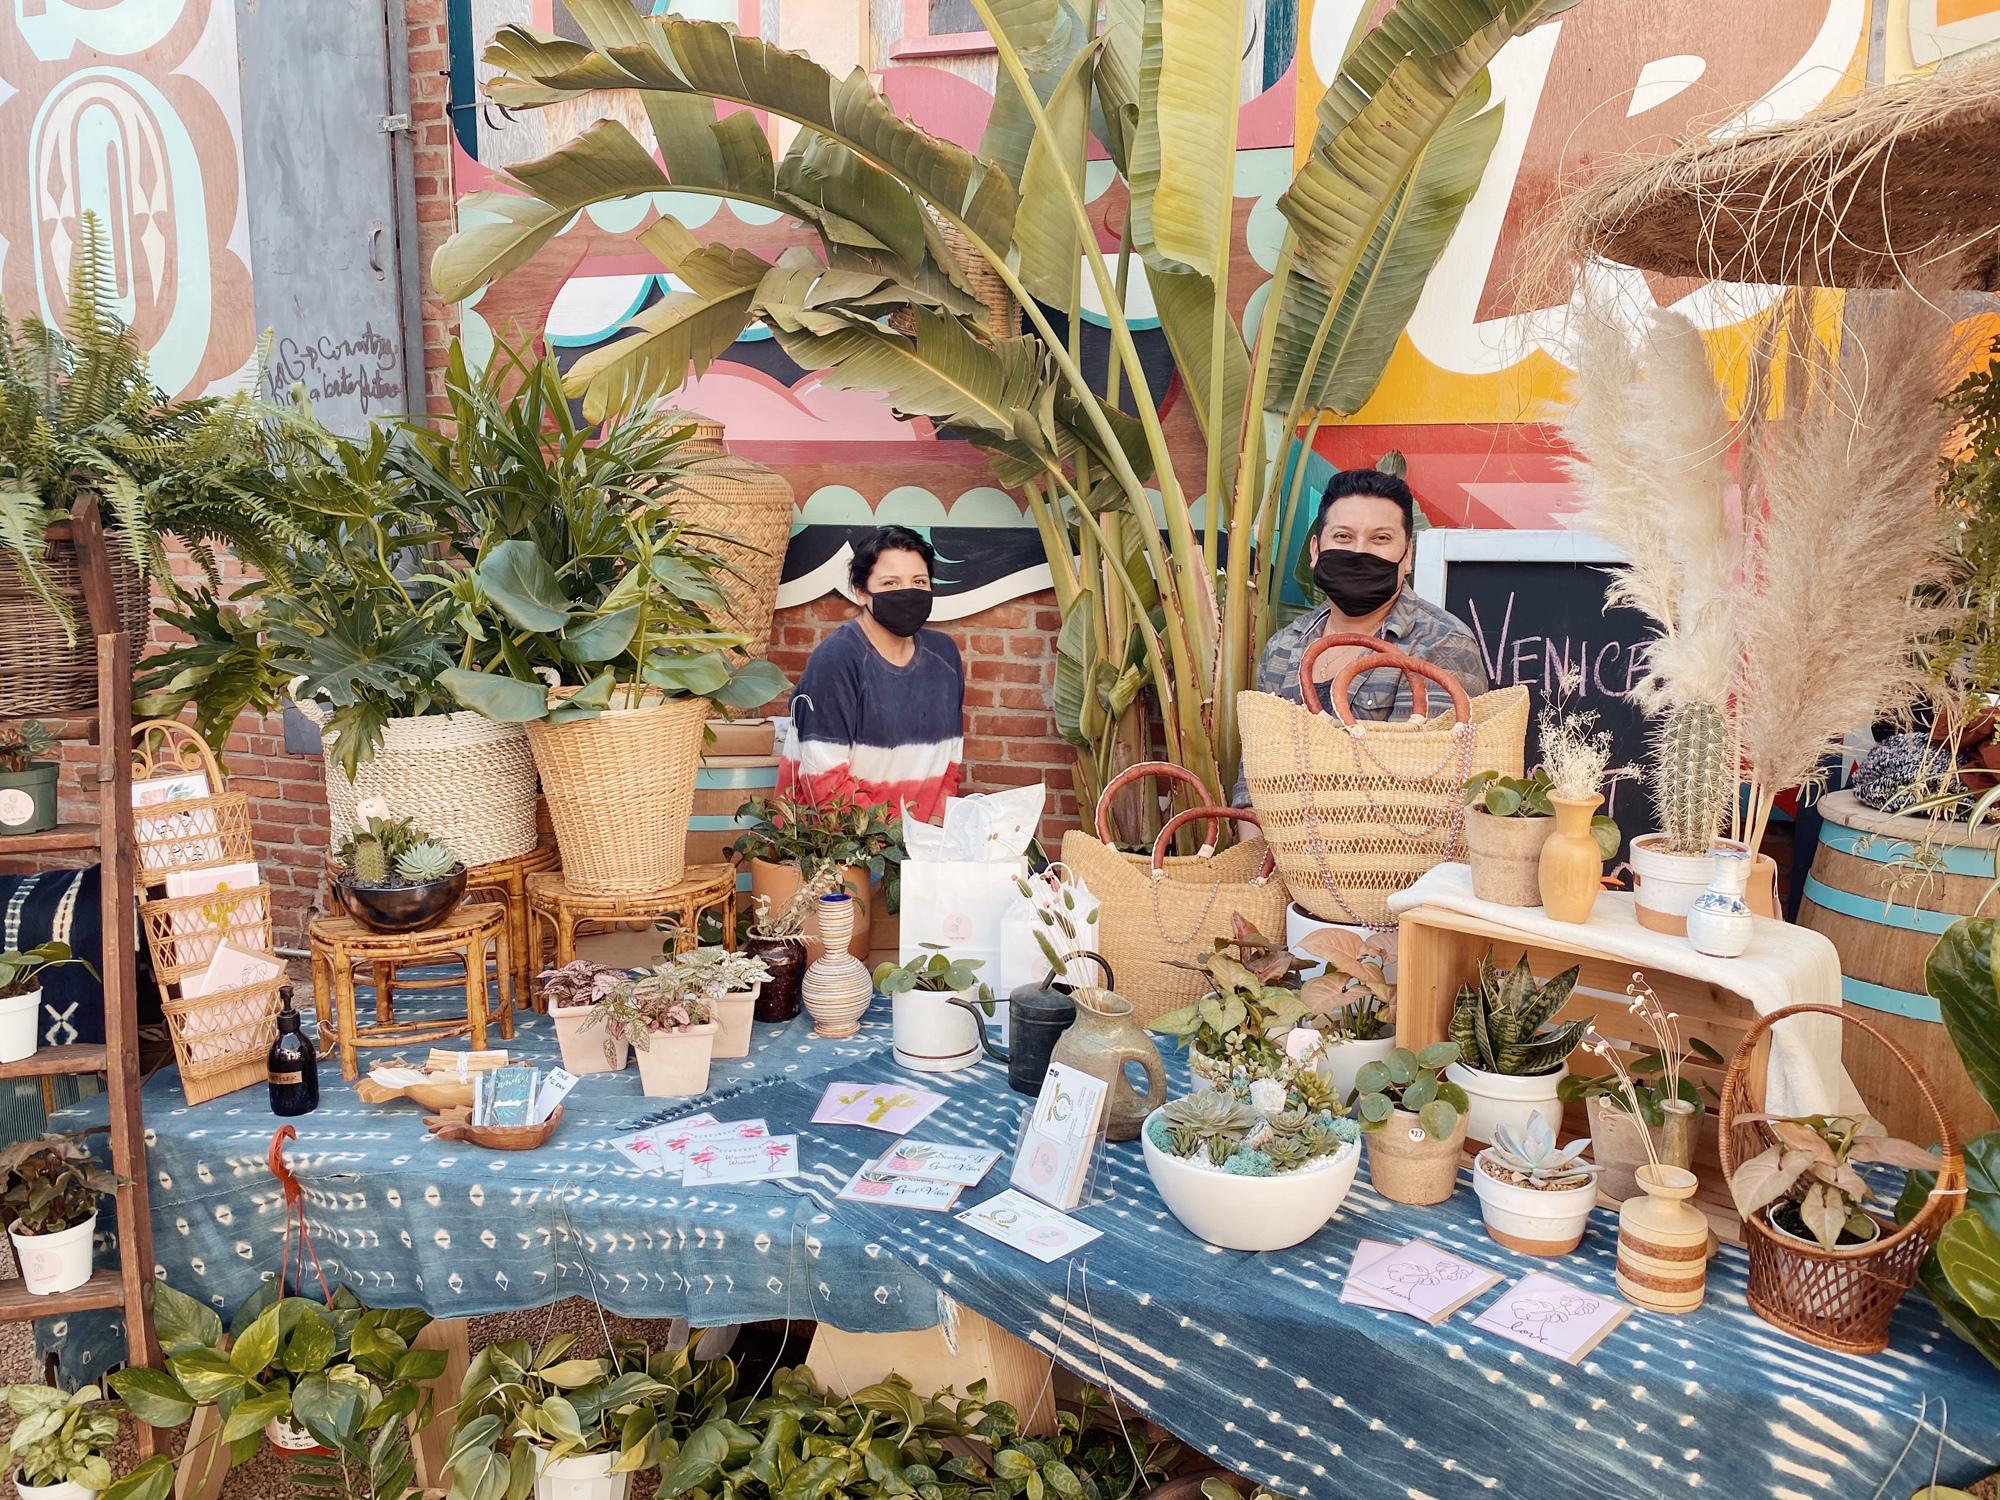 De Buena Planta pop-up holiday market